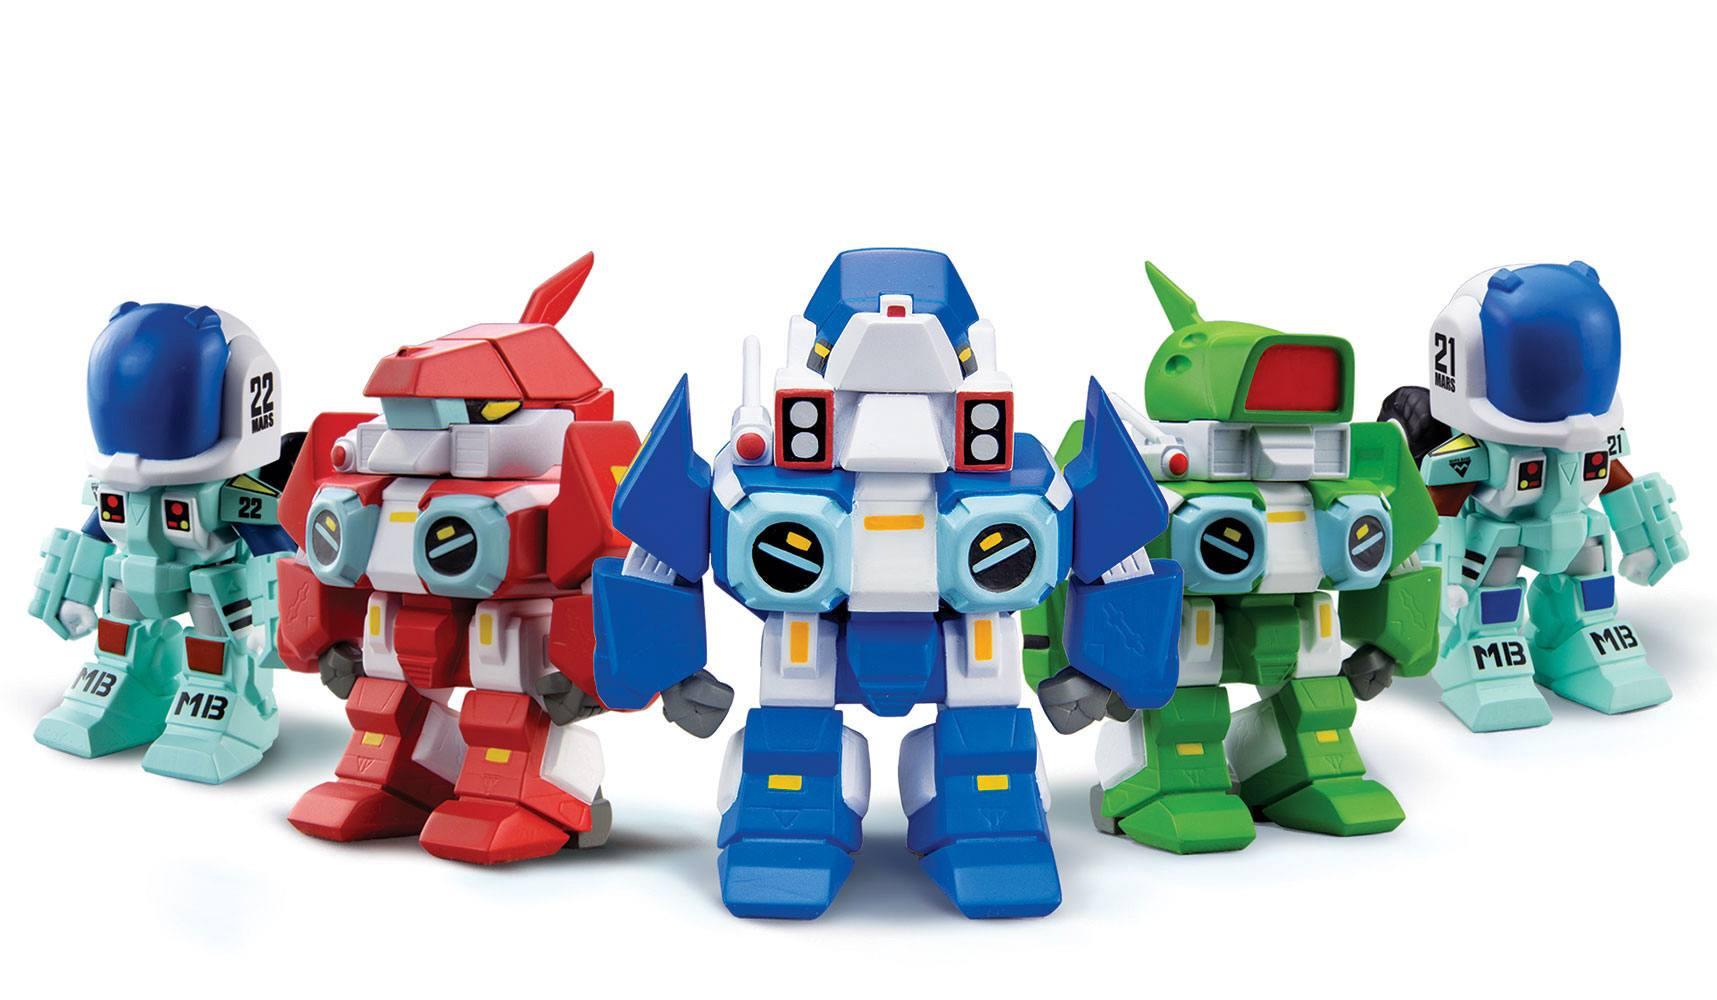 Robotech New Generation Super Deformed Blind Box Figures Display 9 cm (15)